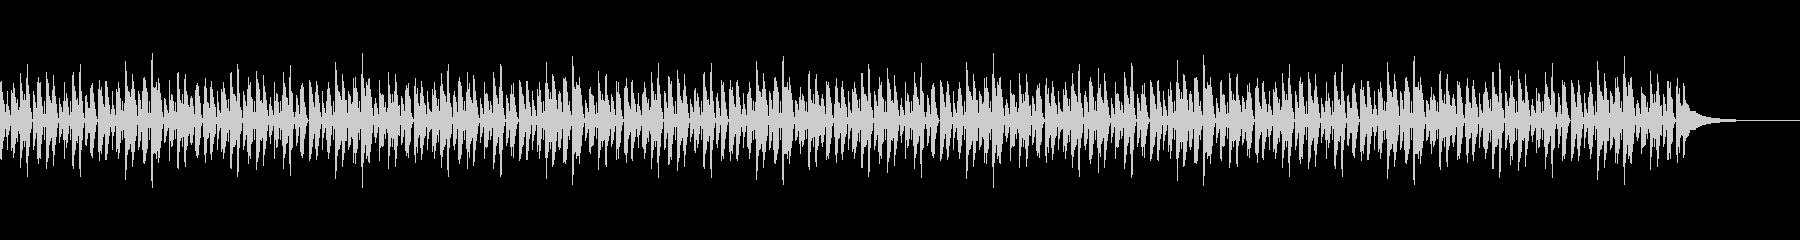 日常系BGMfの未再生の波形